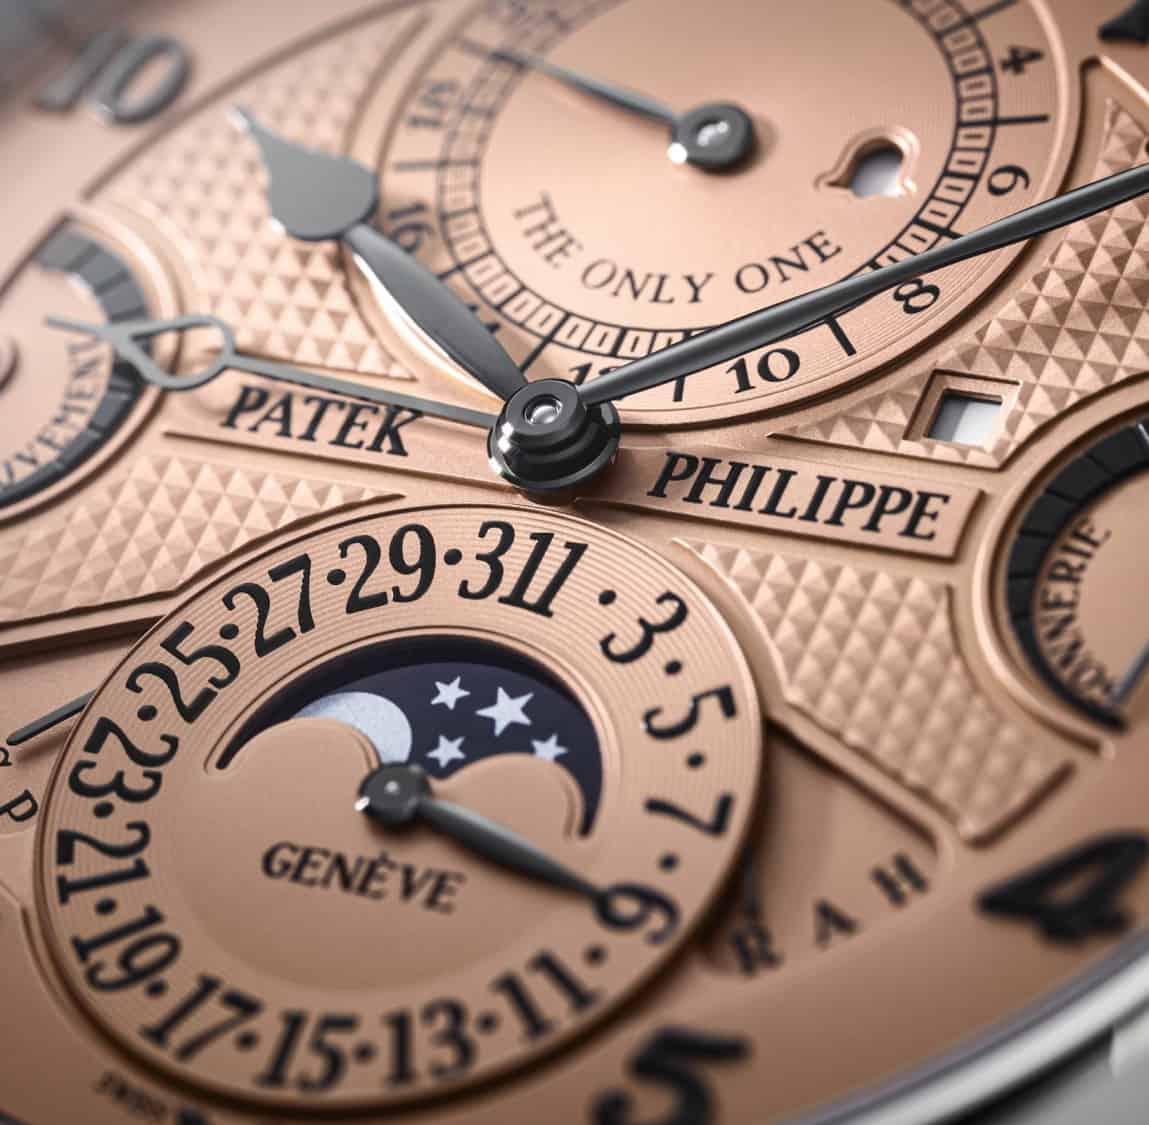 Patek Philippe Lập Kỉ Lục Cho Chiếc Đồng Hồ Đắt Nhất Thế Giới Với Mức Giá 31 Triệu Franc Thuỵ Sĩ 1